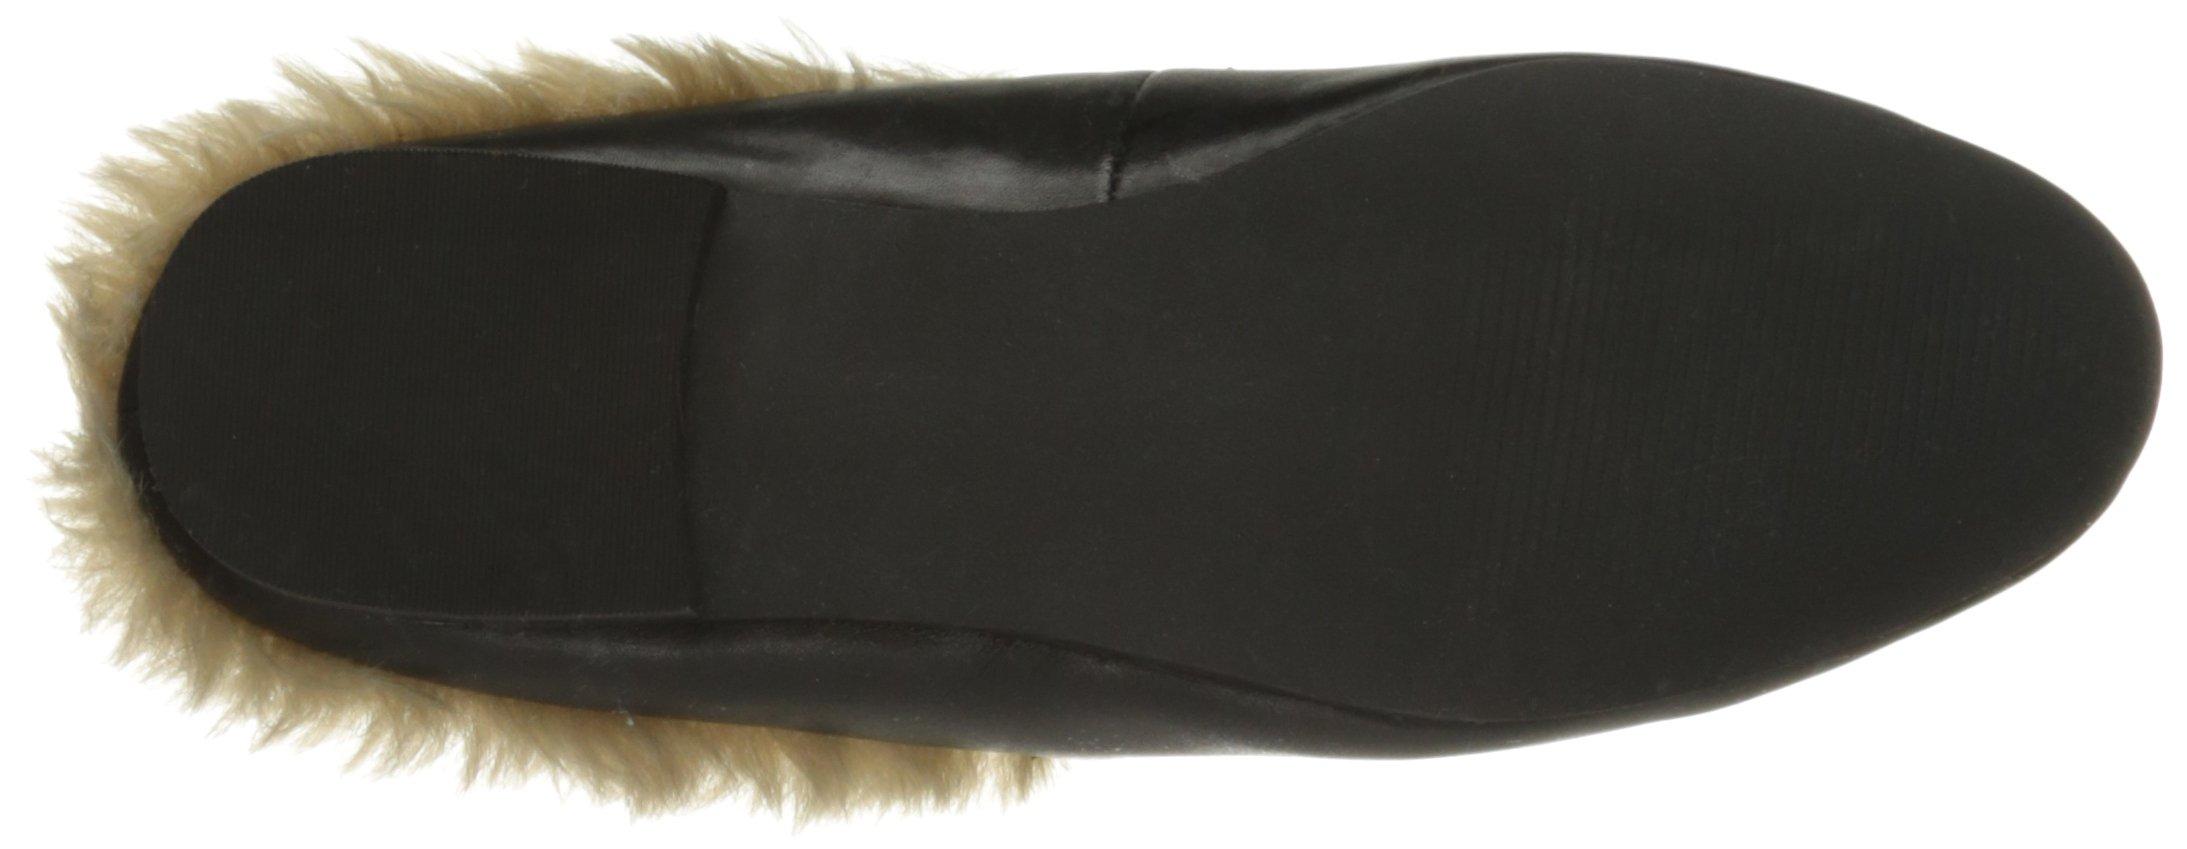 64e0dad28527 Steve Madden Women s Jill-p Slip-on Loafer - SMJ7361711   Loafers    Slip-Ons   Clothing